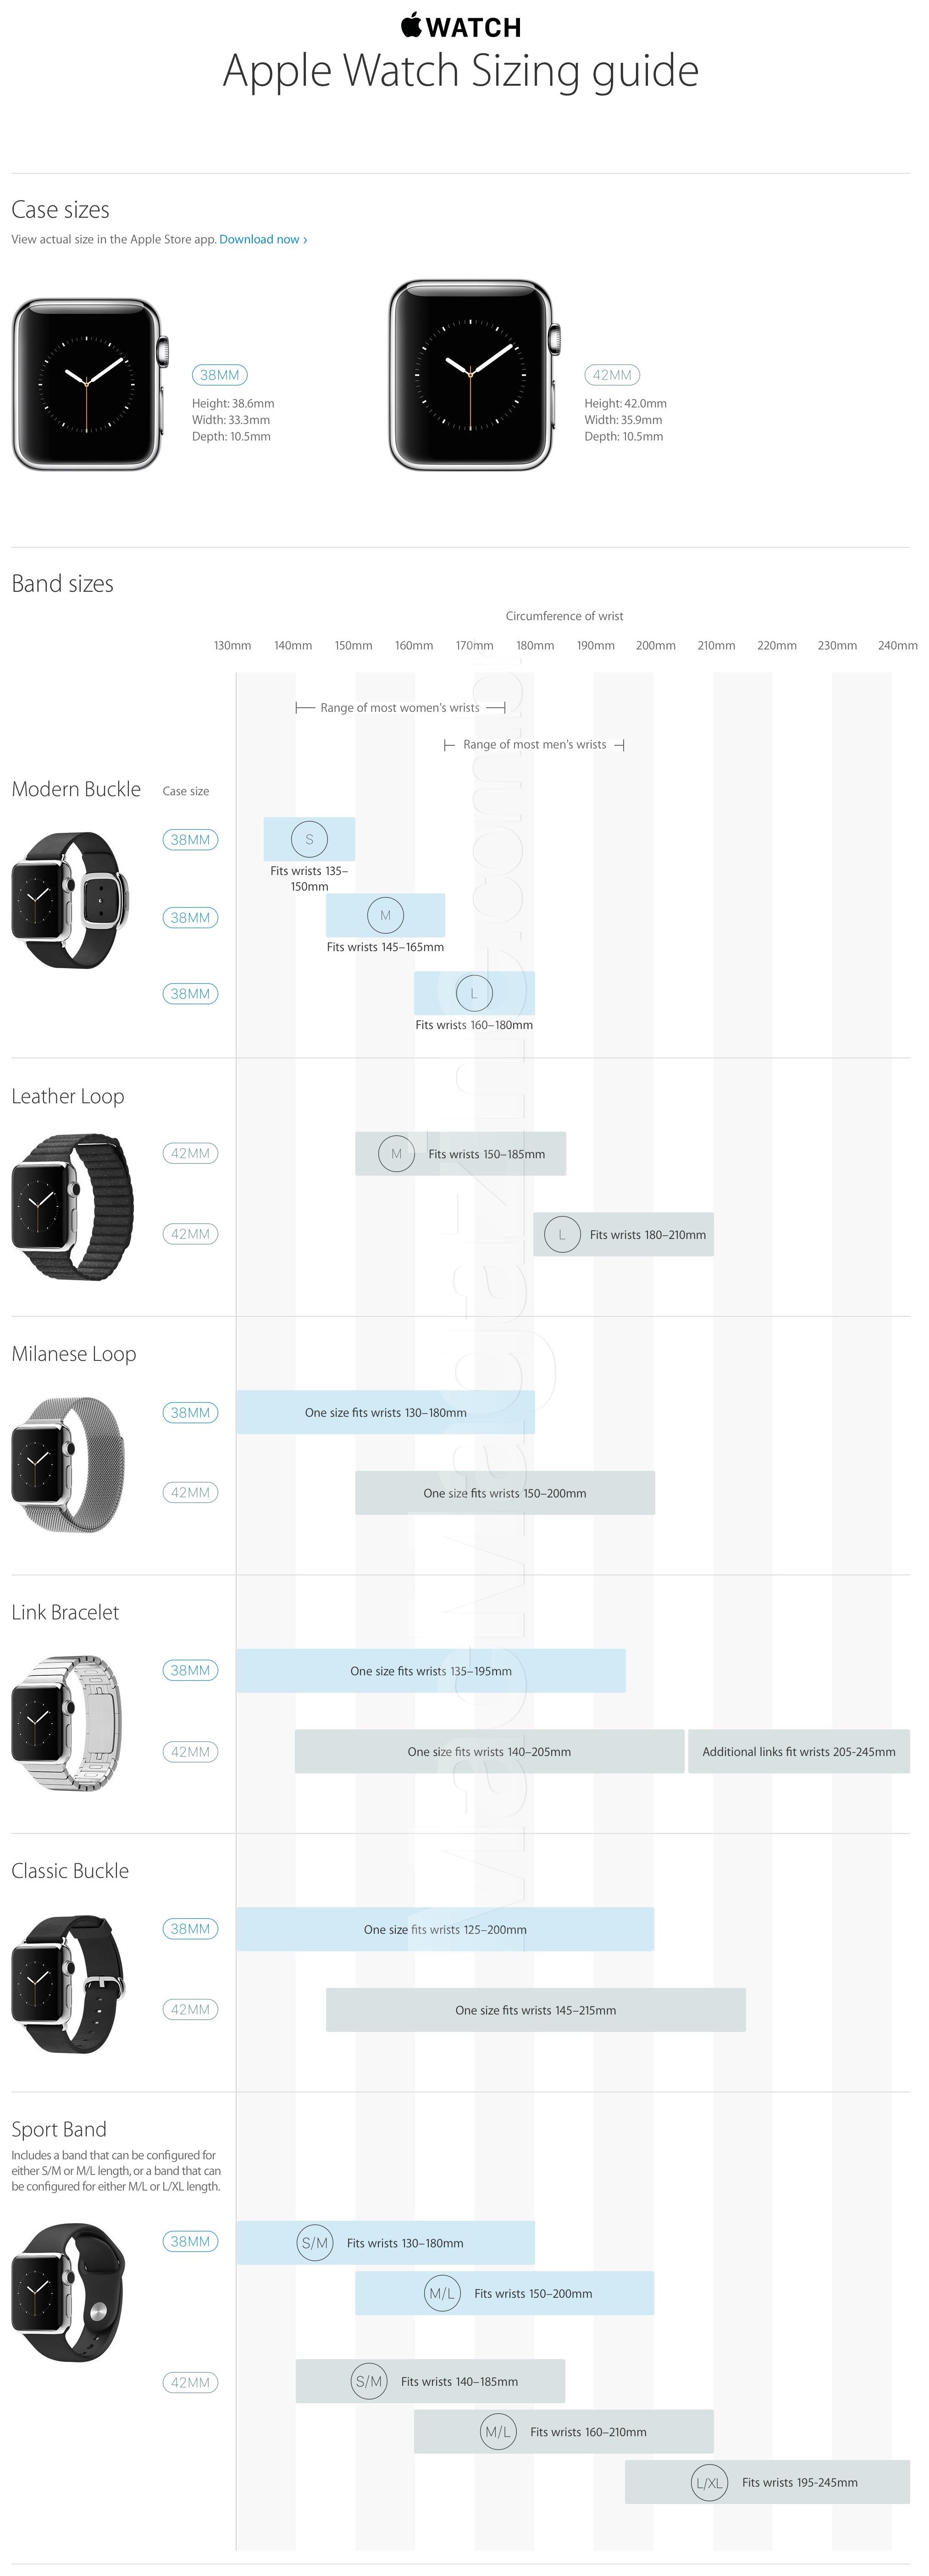 6af0b81071b Apple lança versão ainda maior (L XL) das suas pulseiras do Watch ...